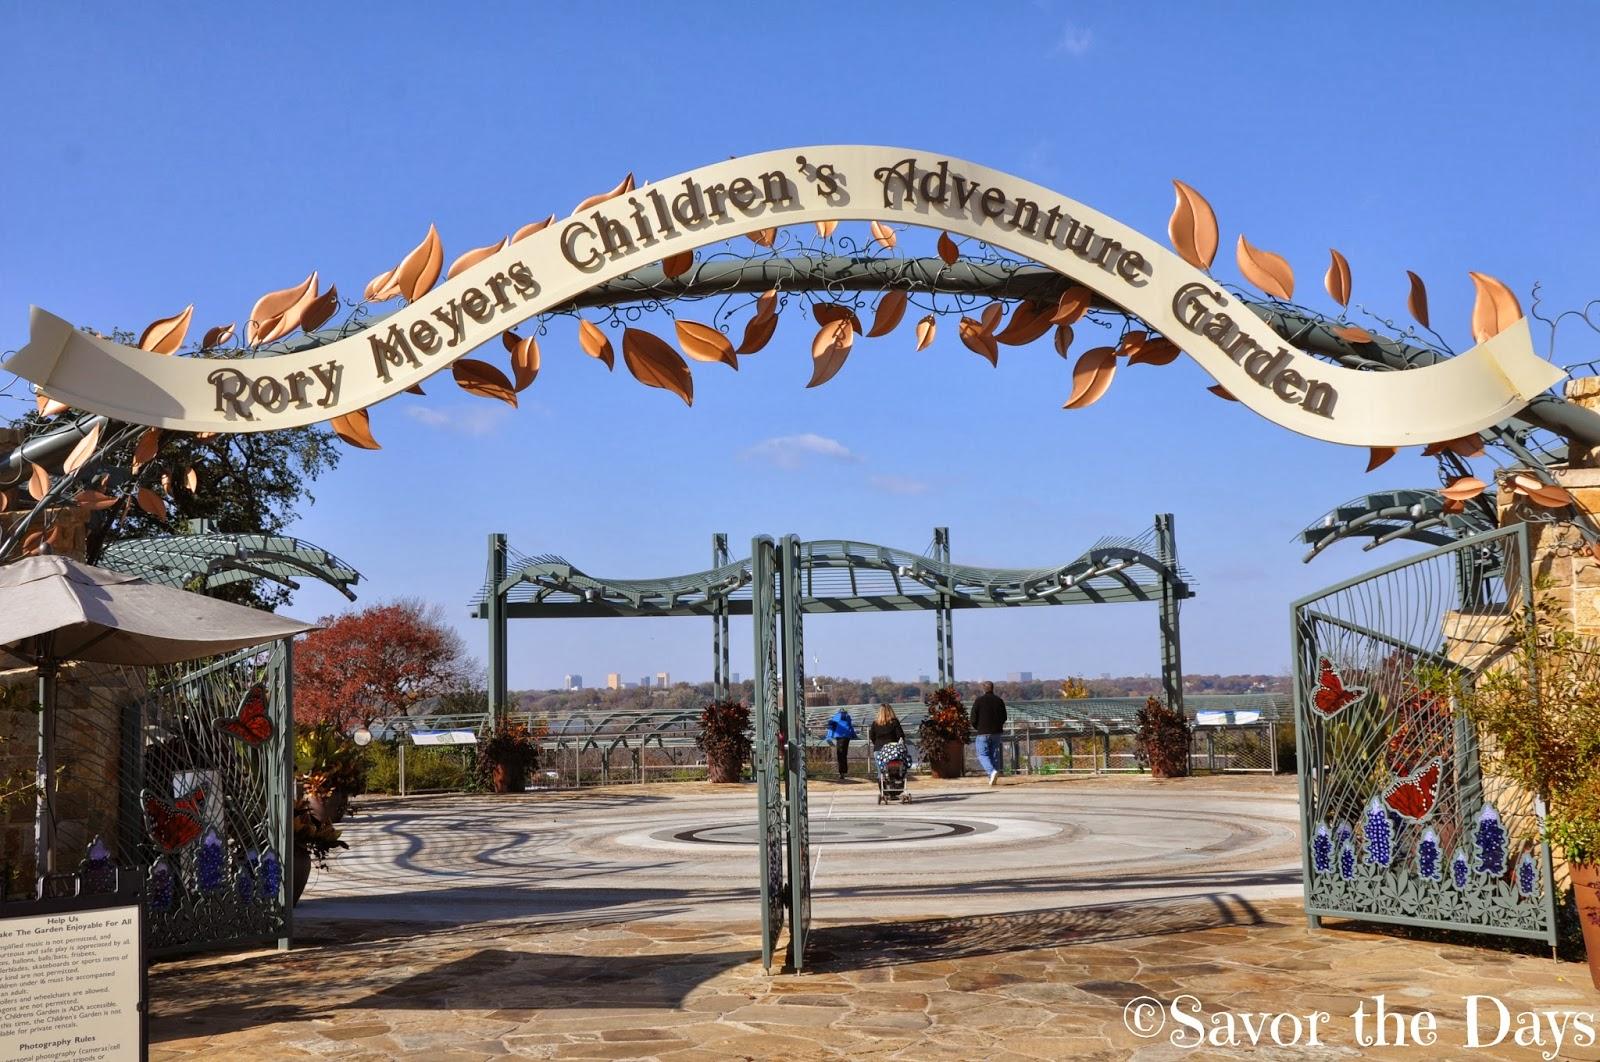 Savor The Days Rory Meyers Children 39 S Adventure Garden At The Dallas Arboretum